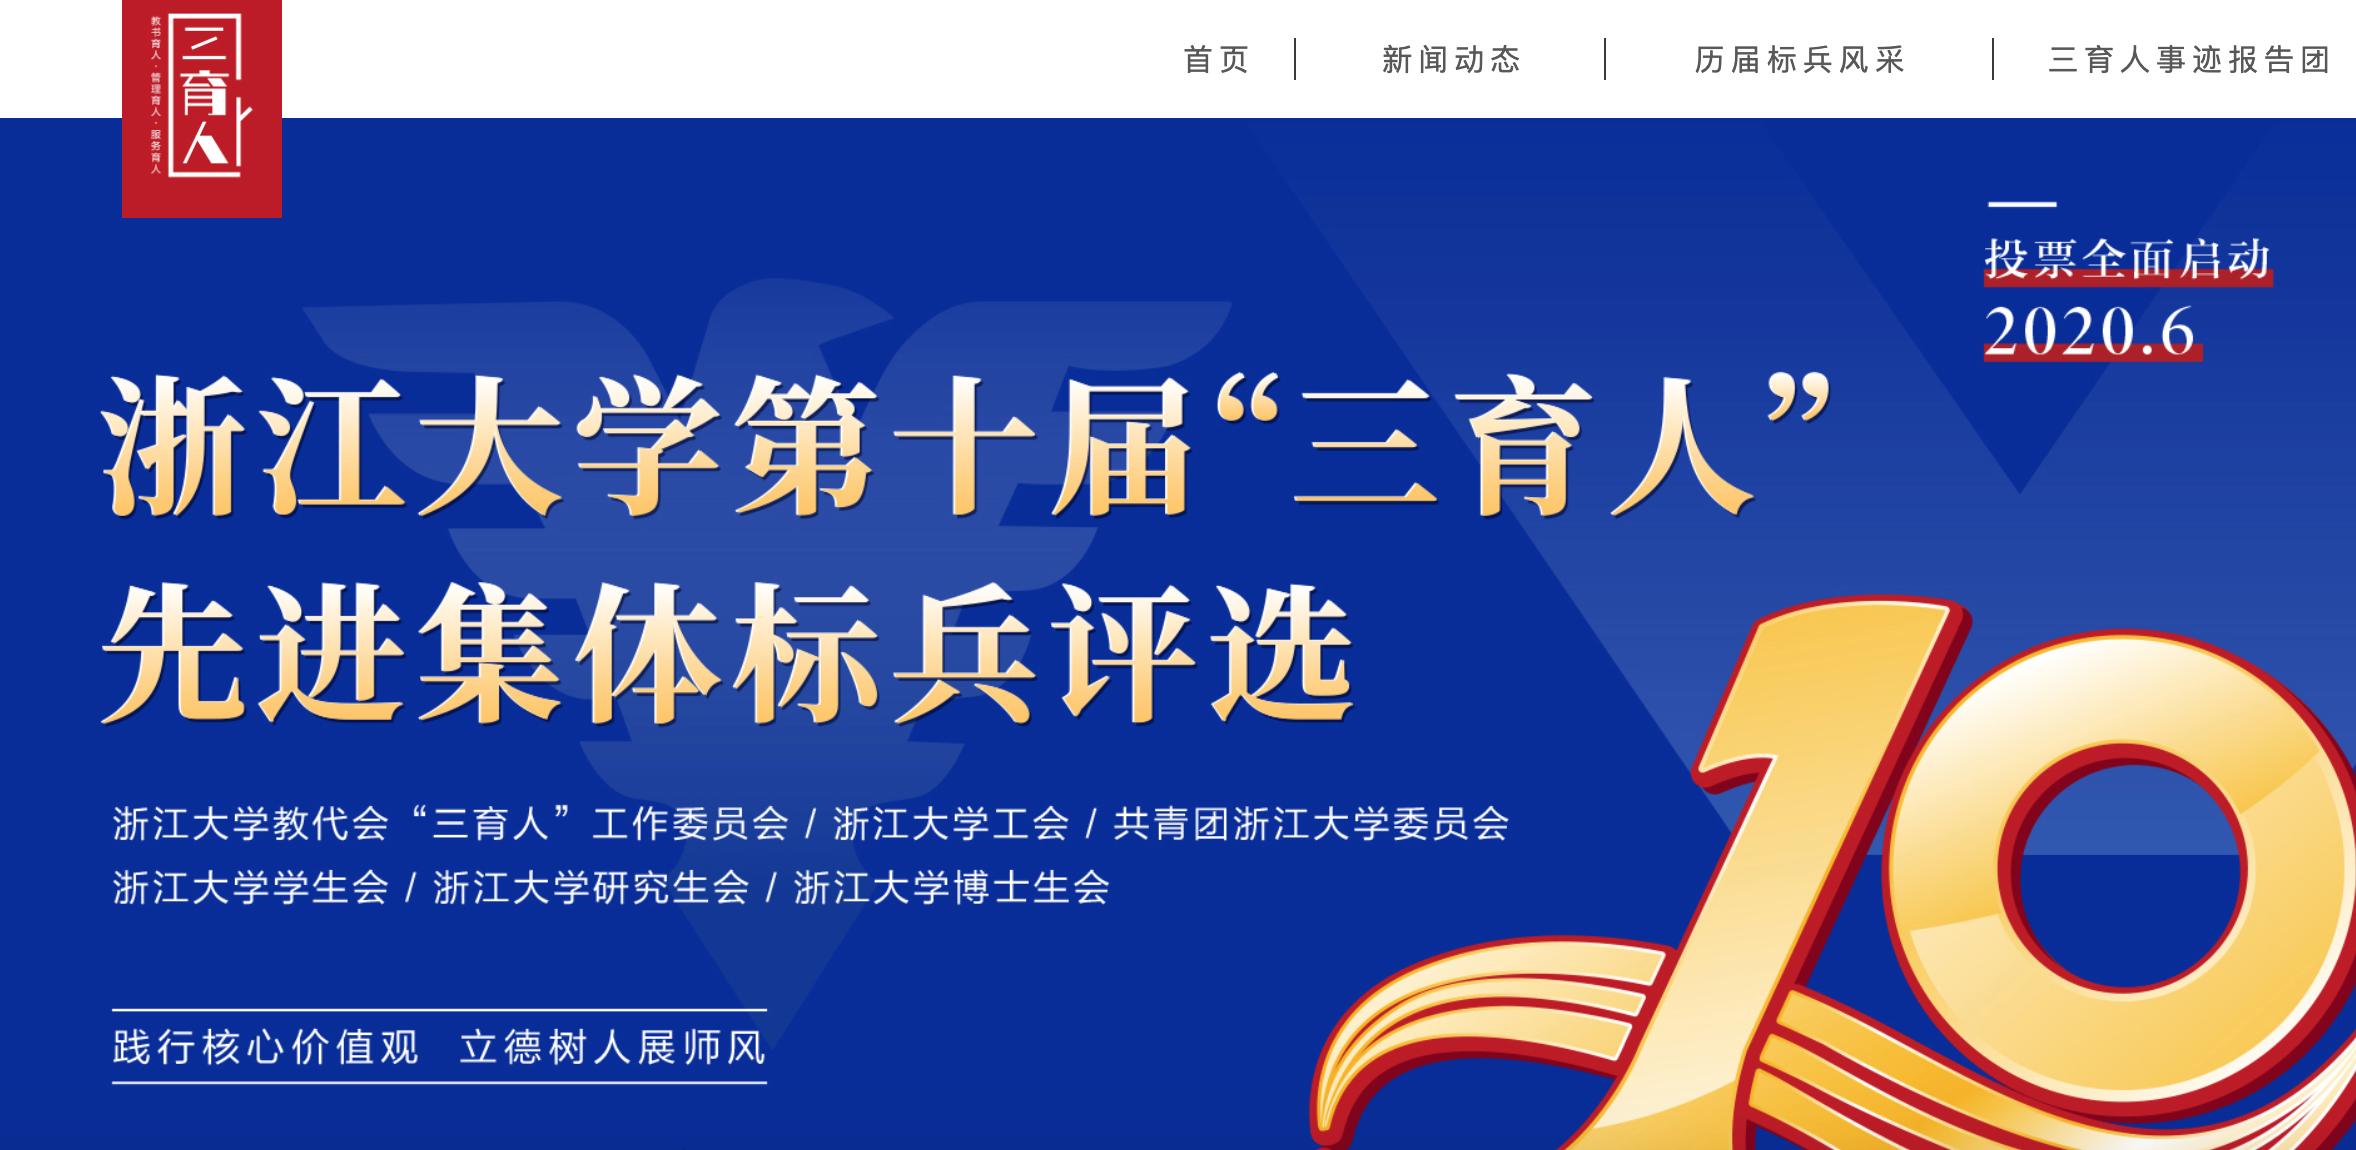 """浙江大学第十届""""三育人""""先进集体标兵评选"""